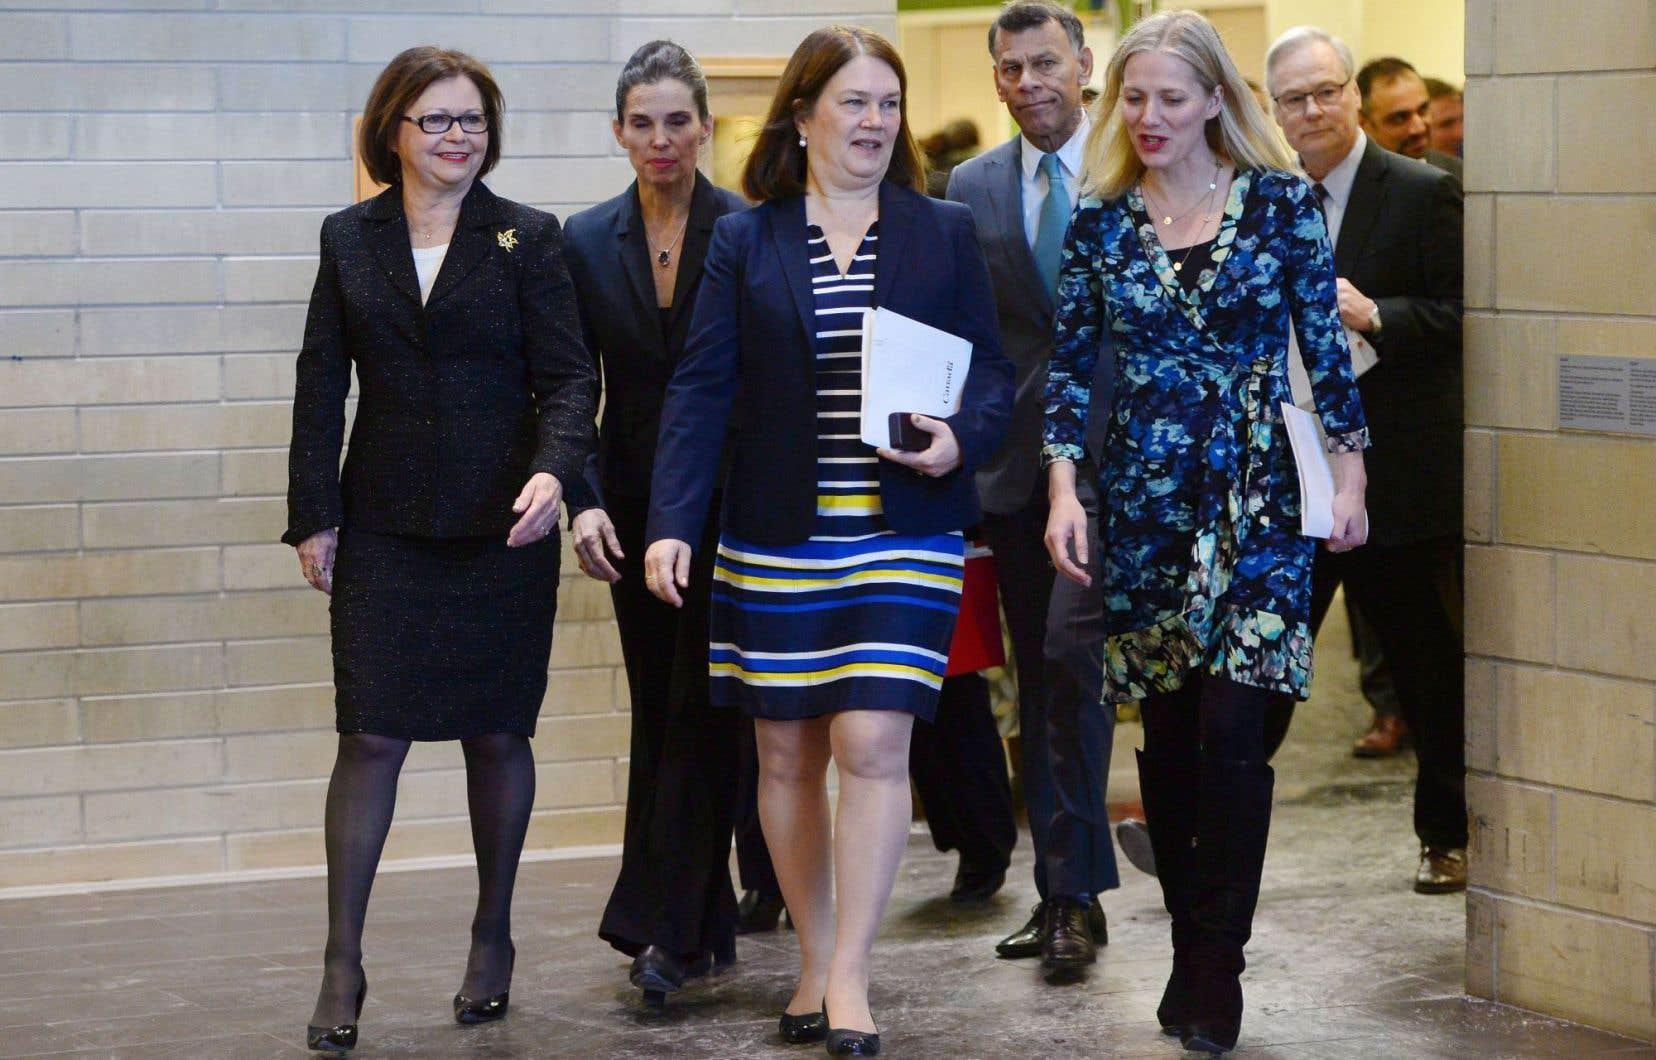 Les ministres Judy Foote (Services publics et Approvisionnement), Kirsty Duncan (Sciences), Jane Philpott (Santé) et Catherine McKenna (Environnement) ont participé à une conférence de presse conjointe afin d'annoncer le bannissement de l'amiante au Canada.